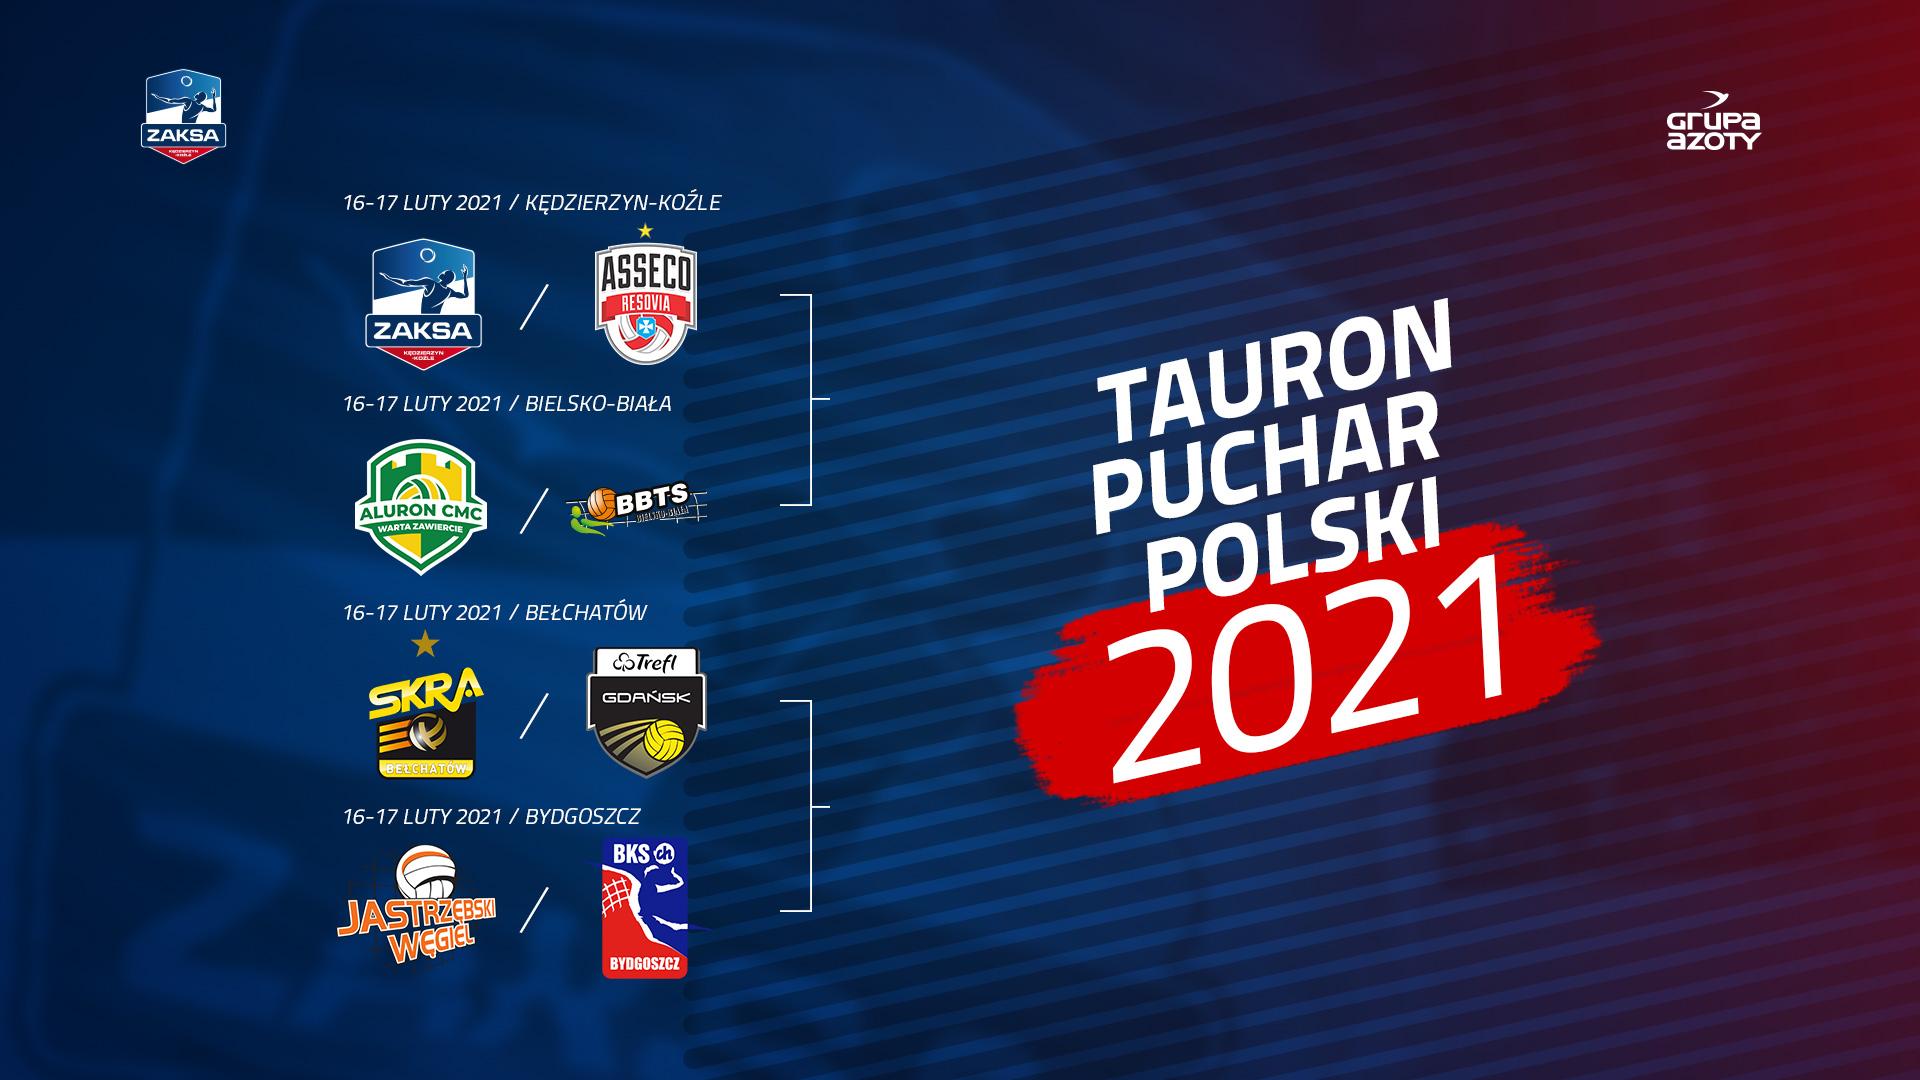 Poznaliśmy rywala w ćwierćfinale TAURON Pucharu Polski